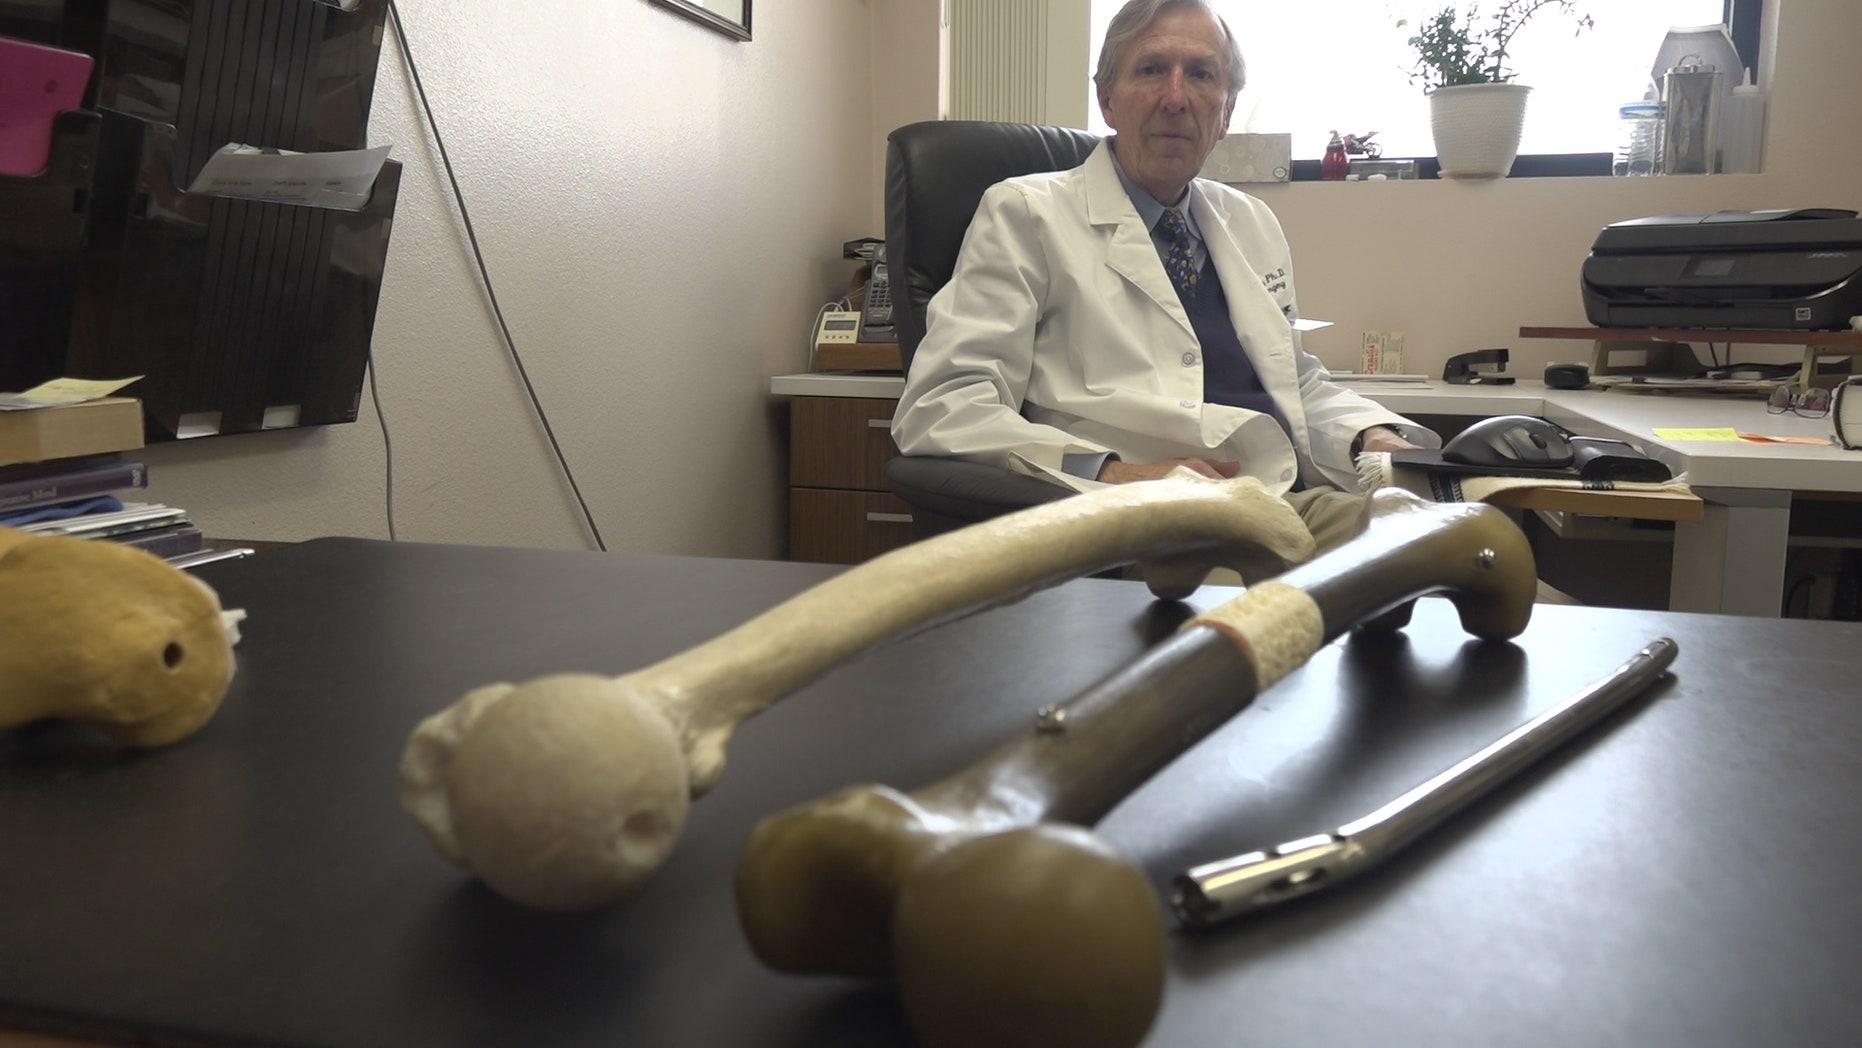 3D printing bones may help combat veterans injuries